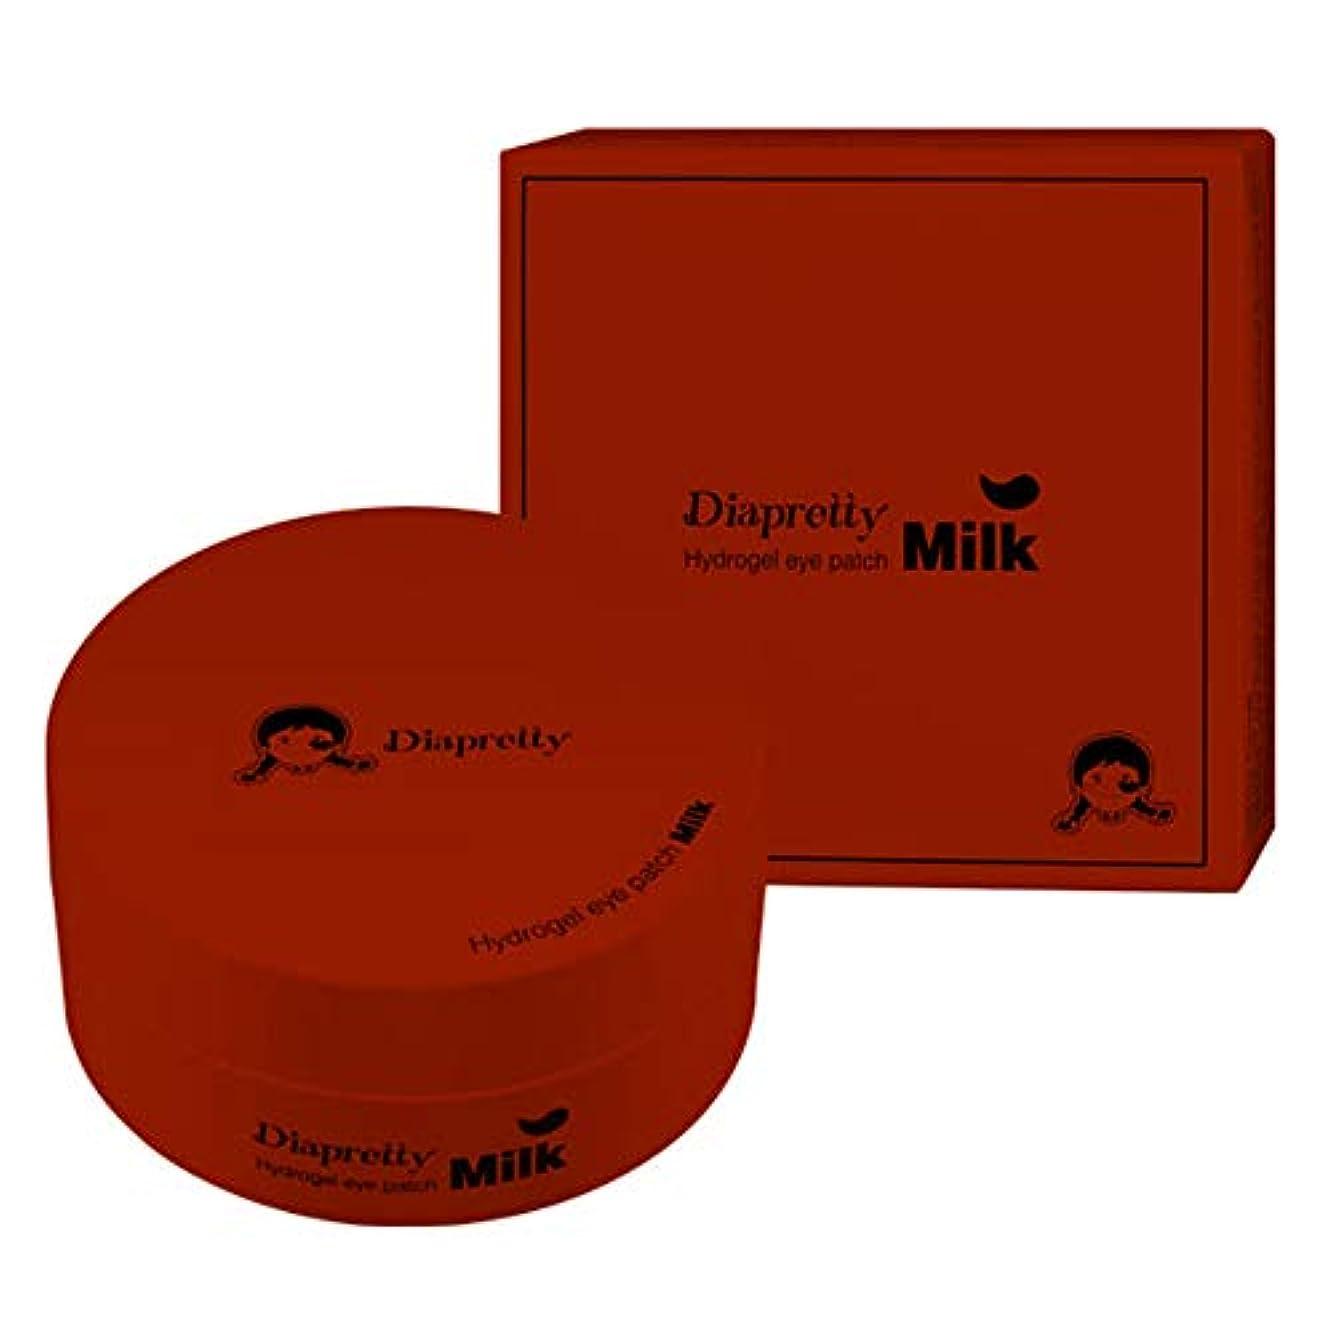 の比類のない月面[ダイアプリティ] ハイドロゲルア イパッチ (Red Ginseng) 60枚, [Diapretty] Hydrogel Eyepatch(Red Ginseng) 60pieces